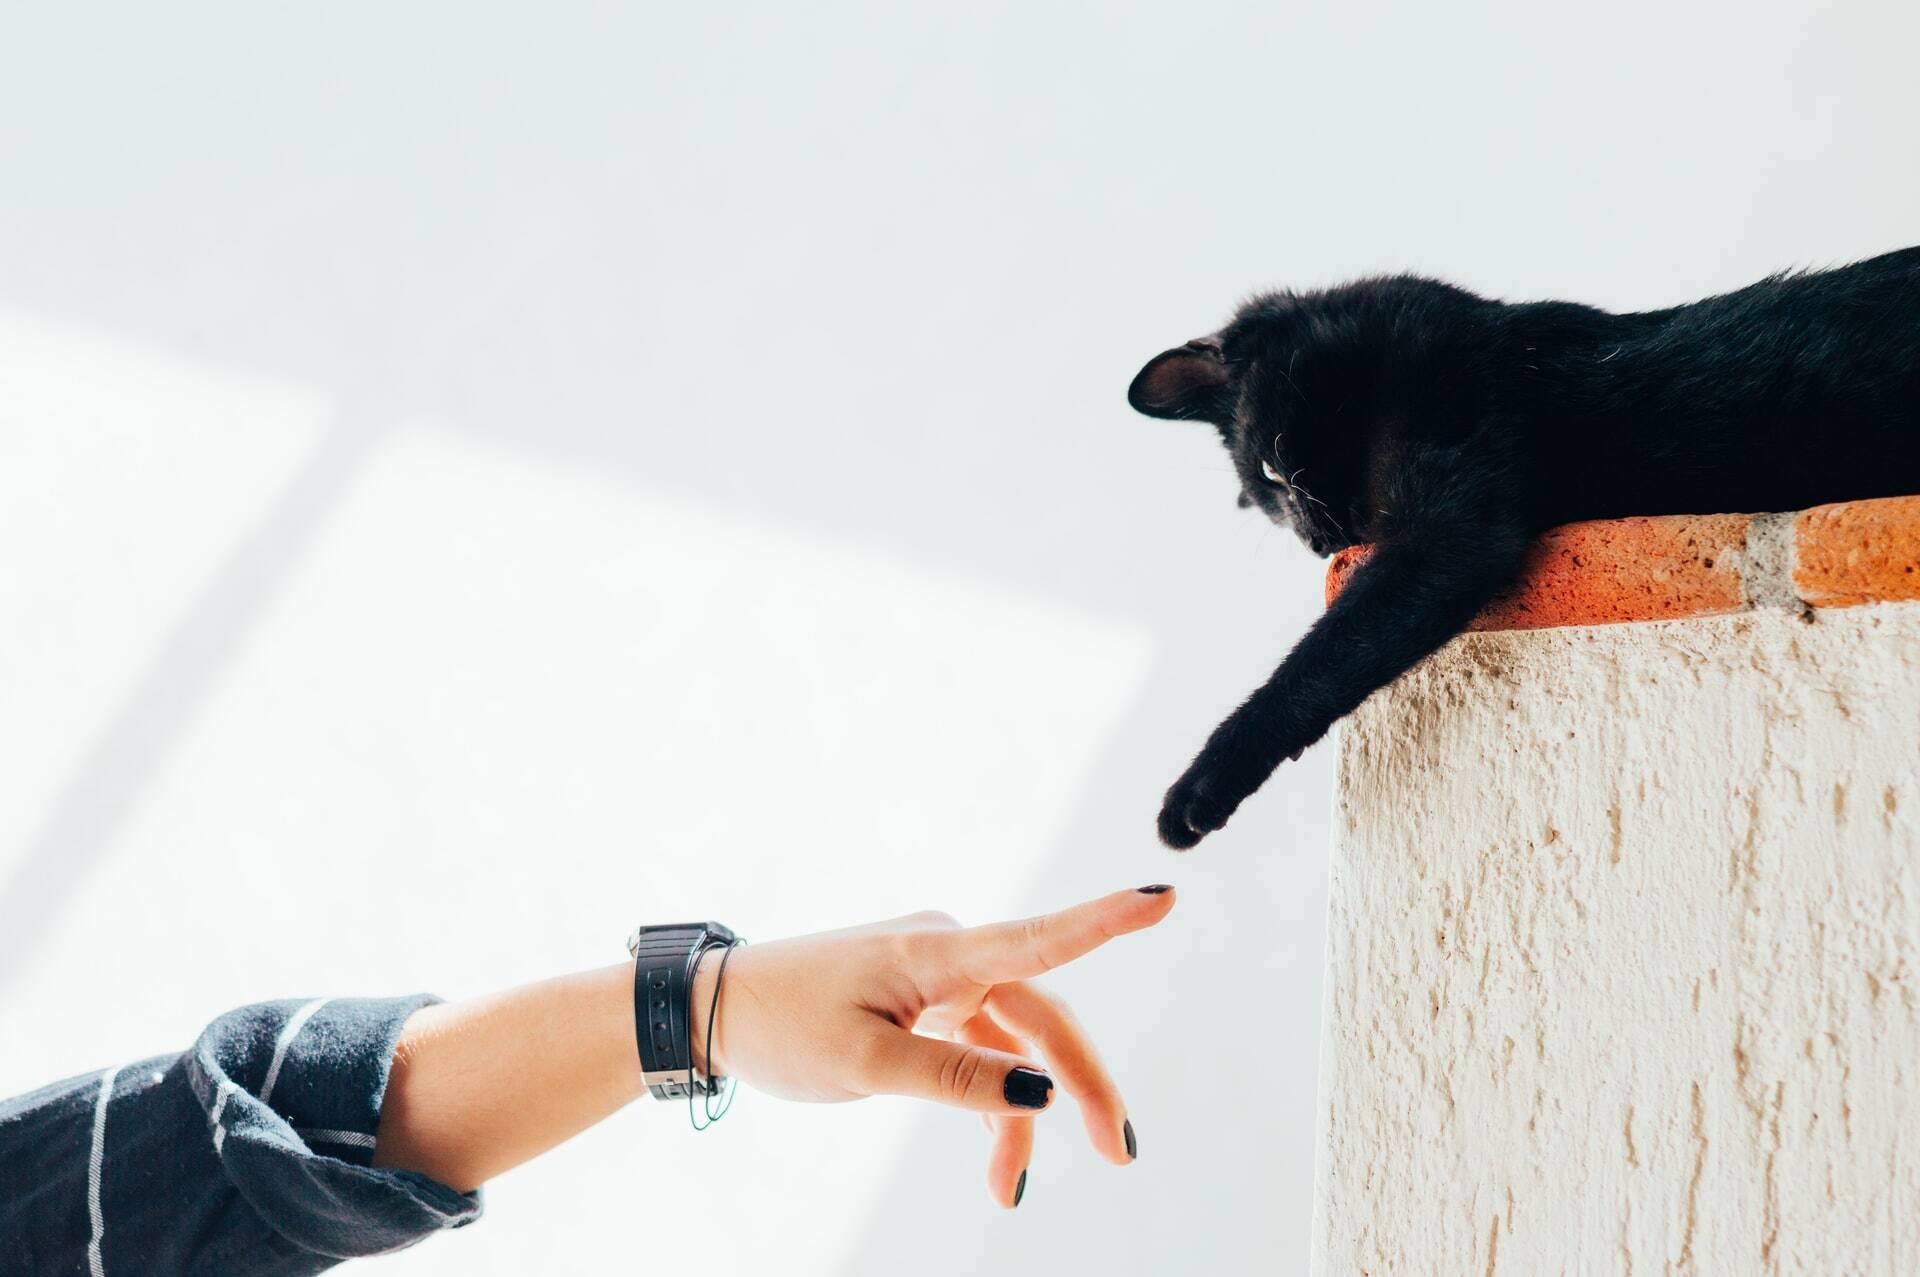 Sexta-feira, 13: entidade combate superstições e crendices contra gatos pretos